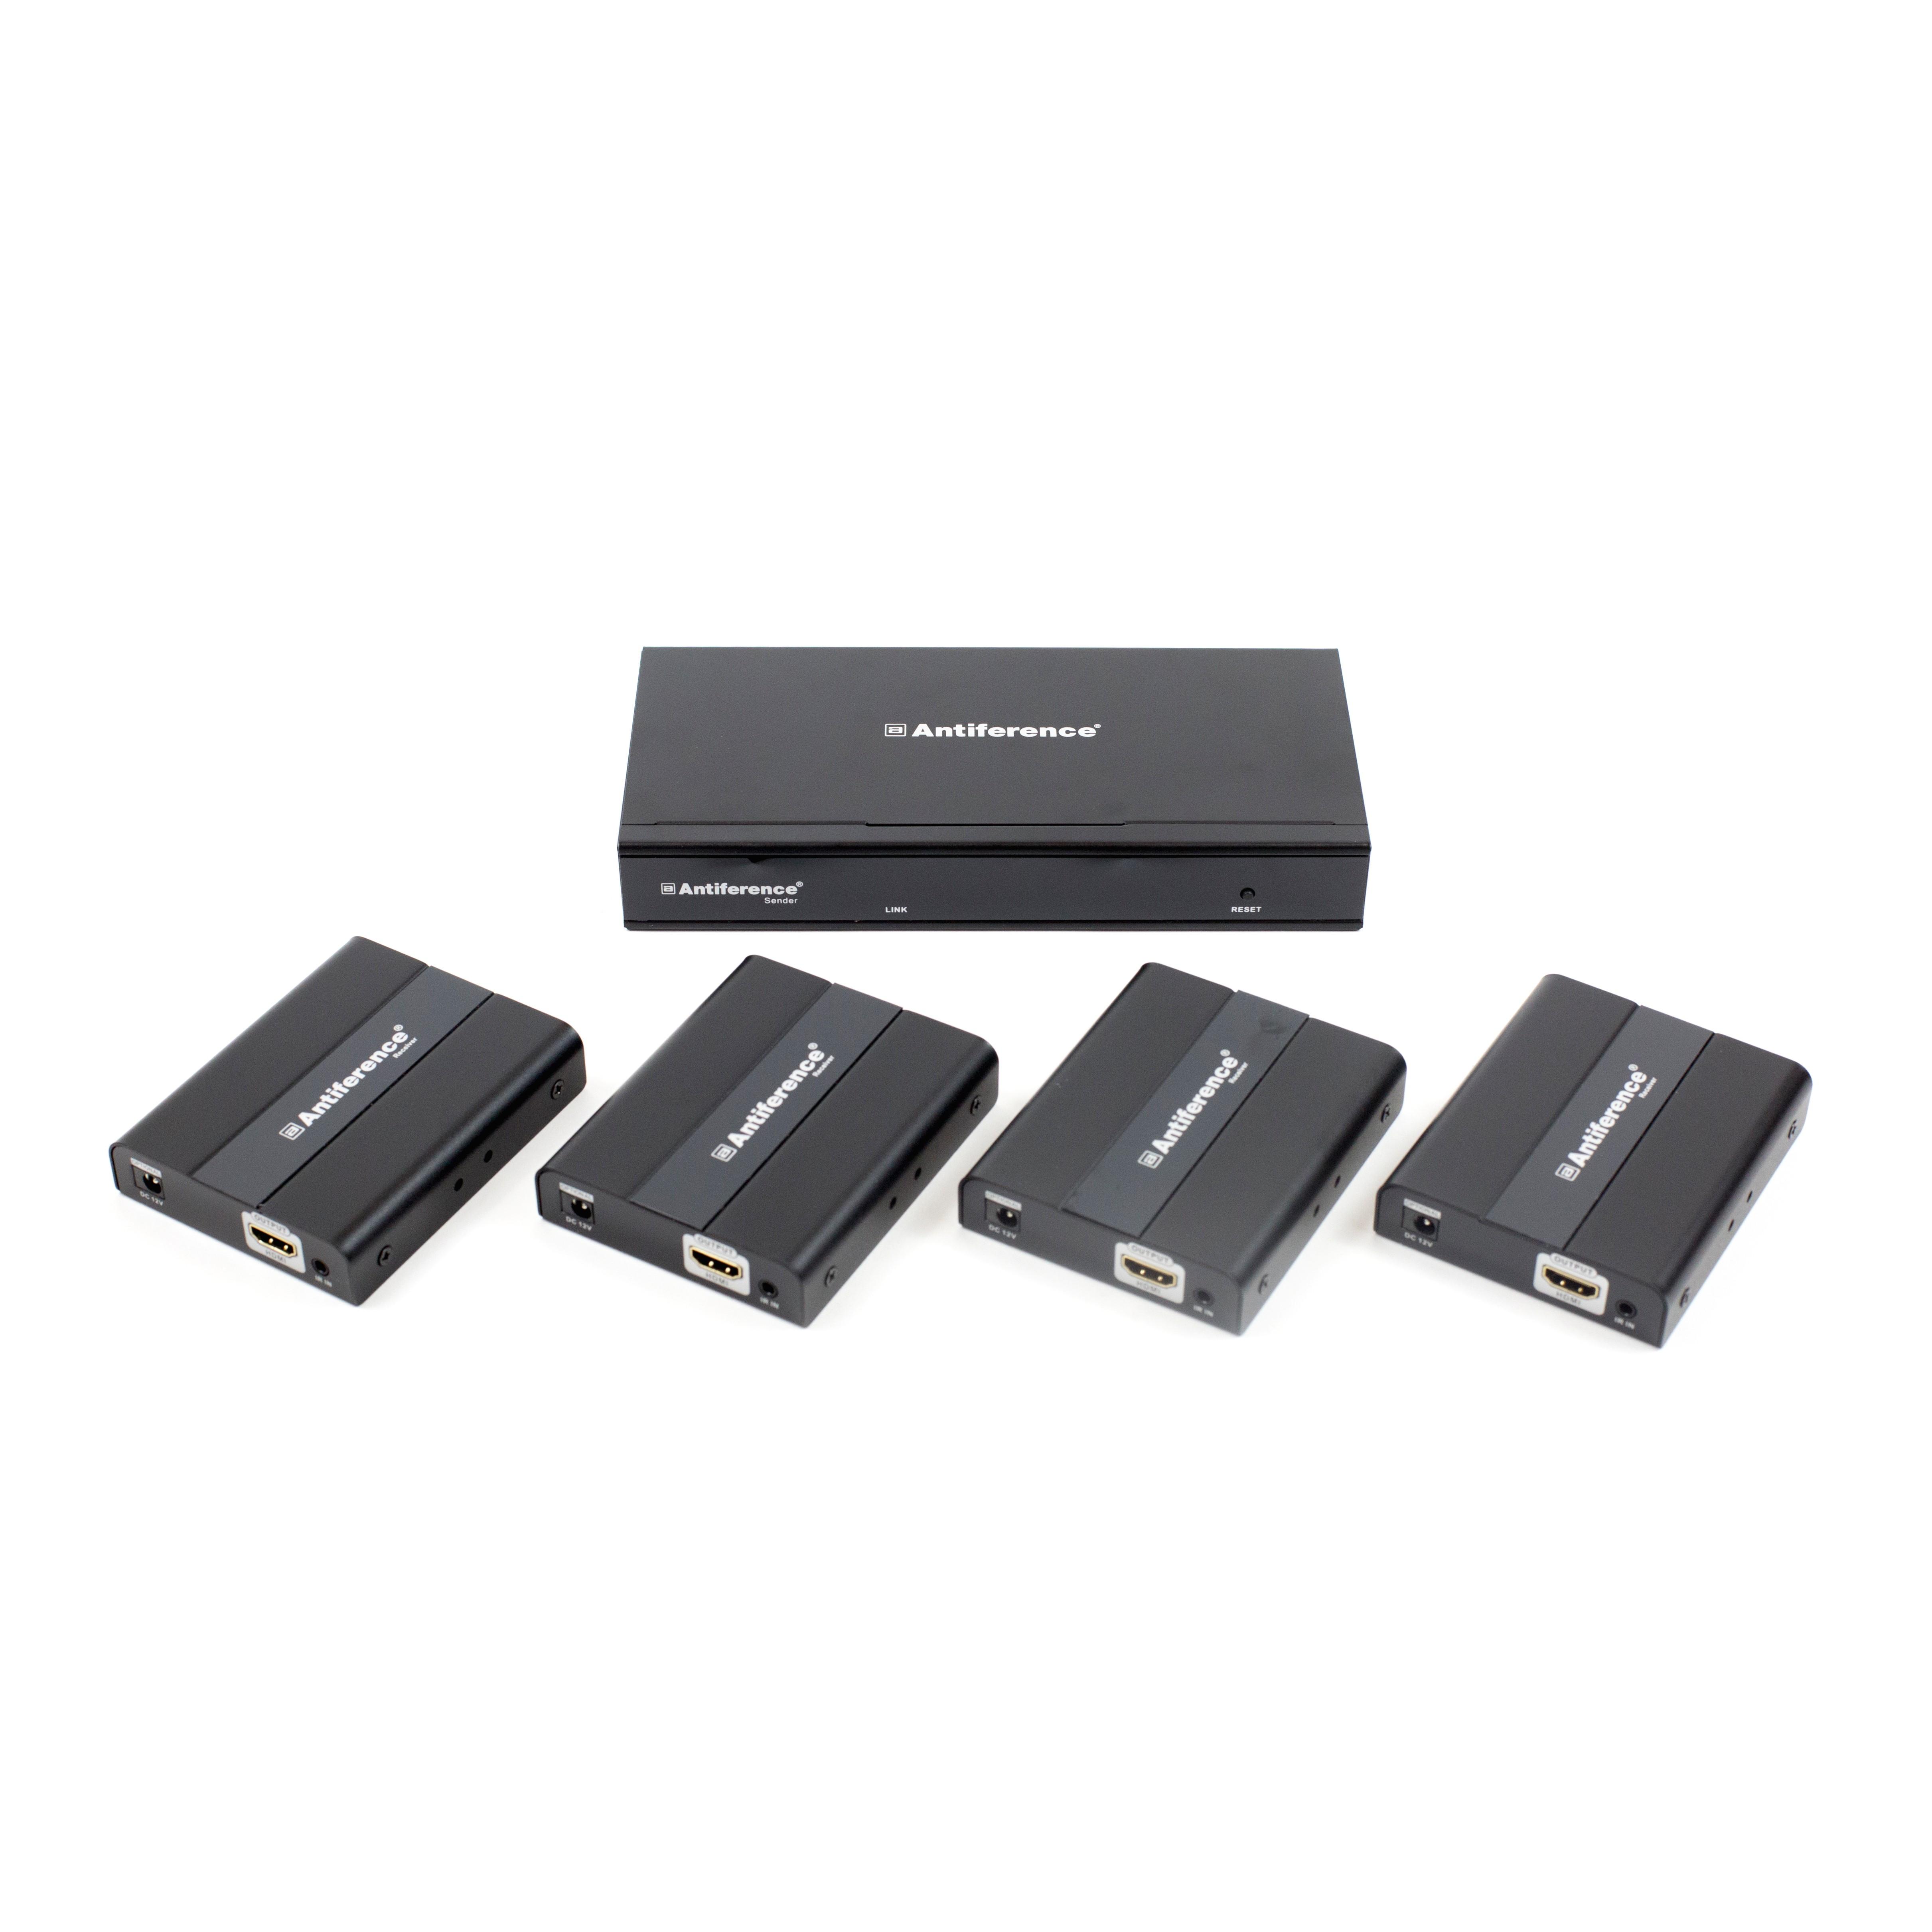 HDMI 2 0 Splitter/Extender Kit 4K w/HDCP 2 2 - Antiference